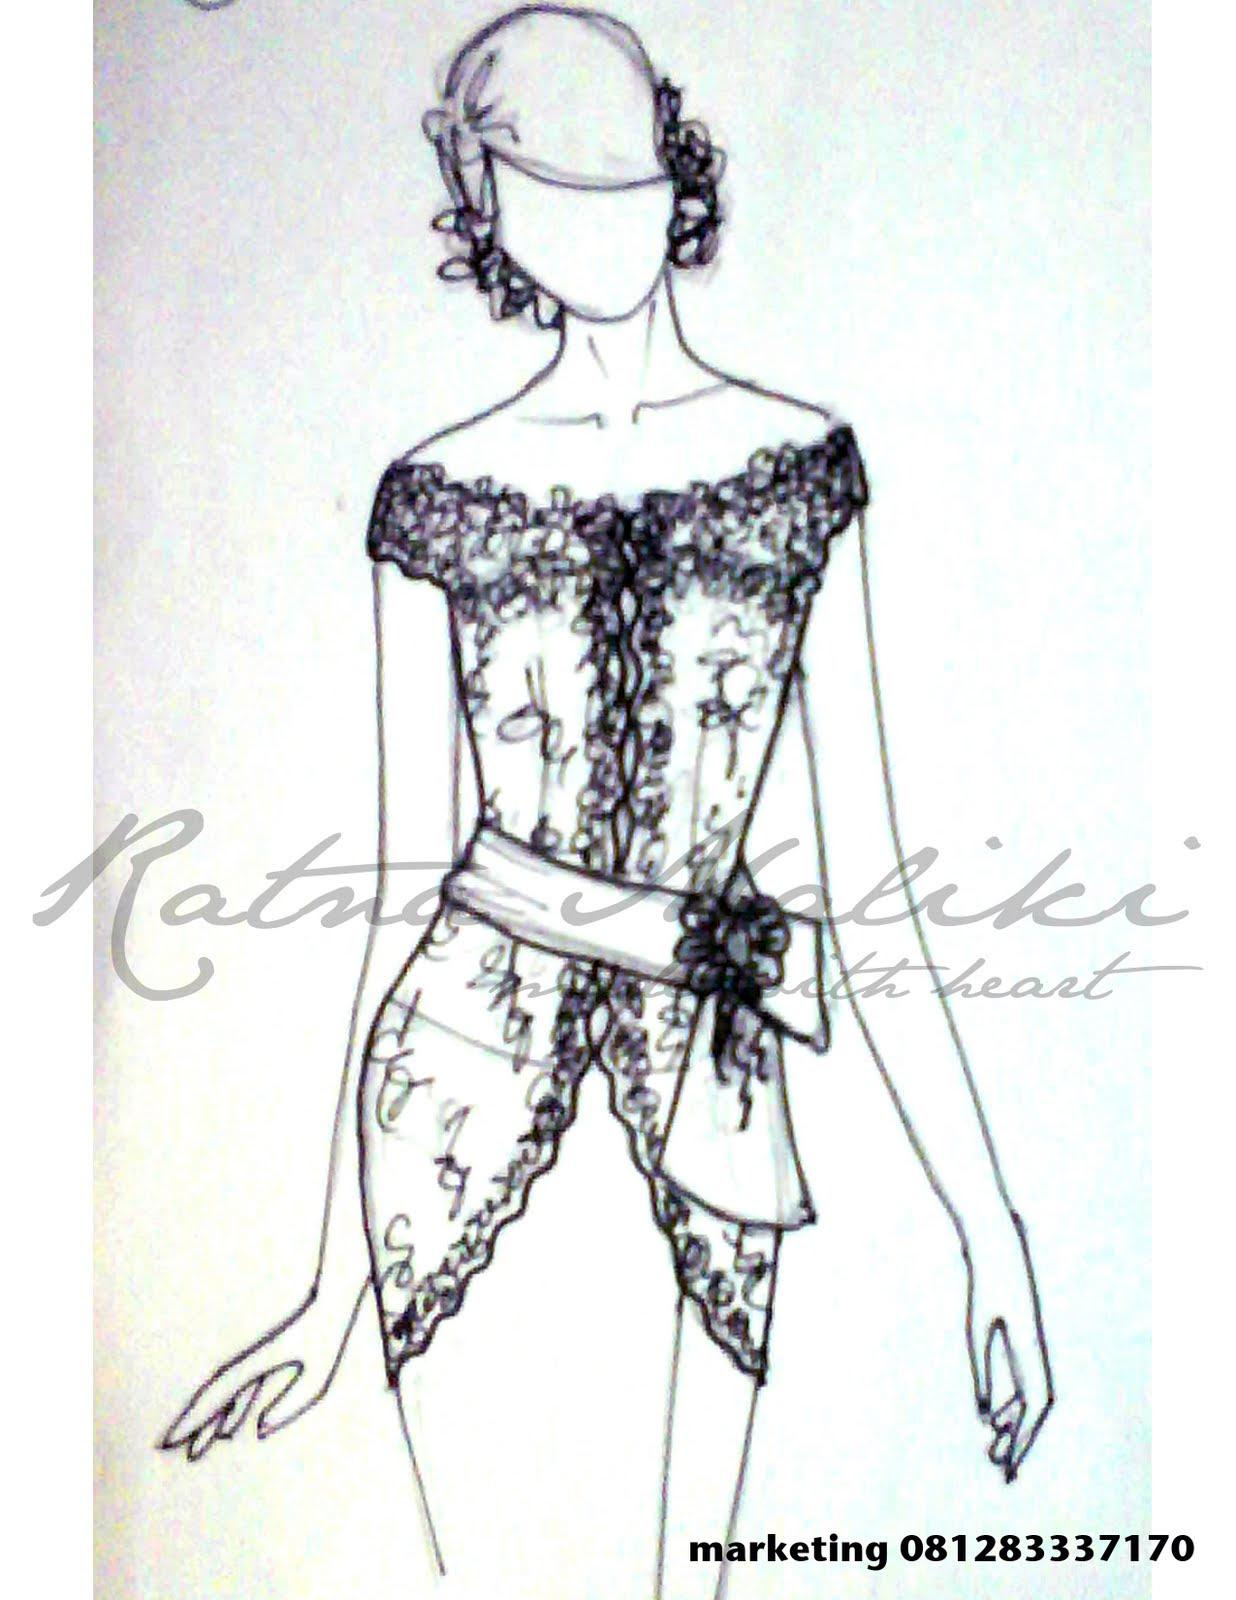 Koleksi Gambar Desain Sketsa Baju Dress Pendek Terbaru